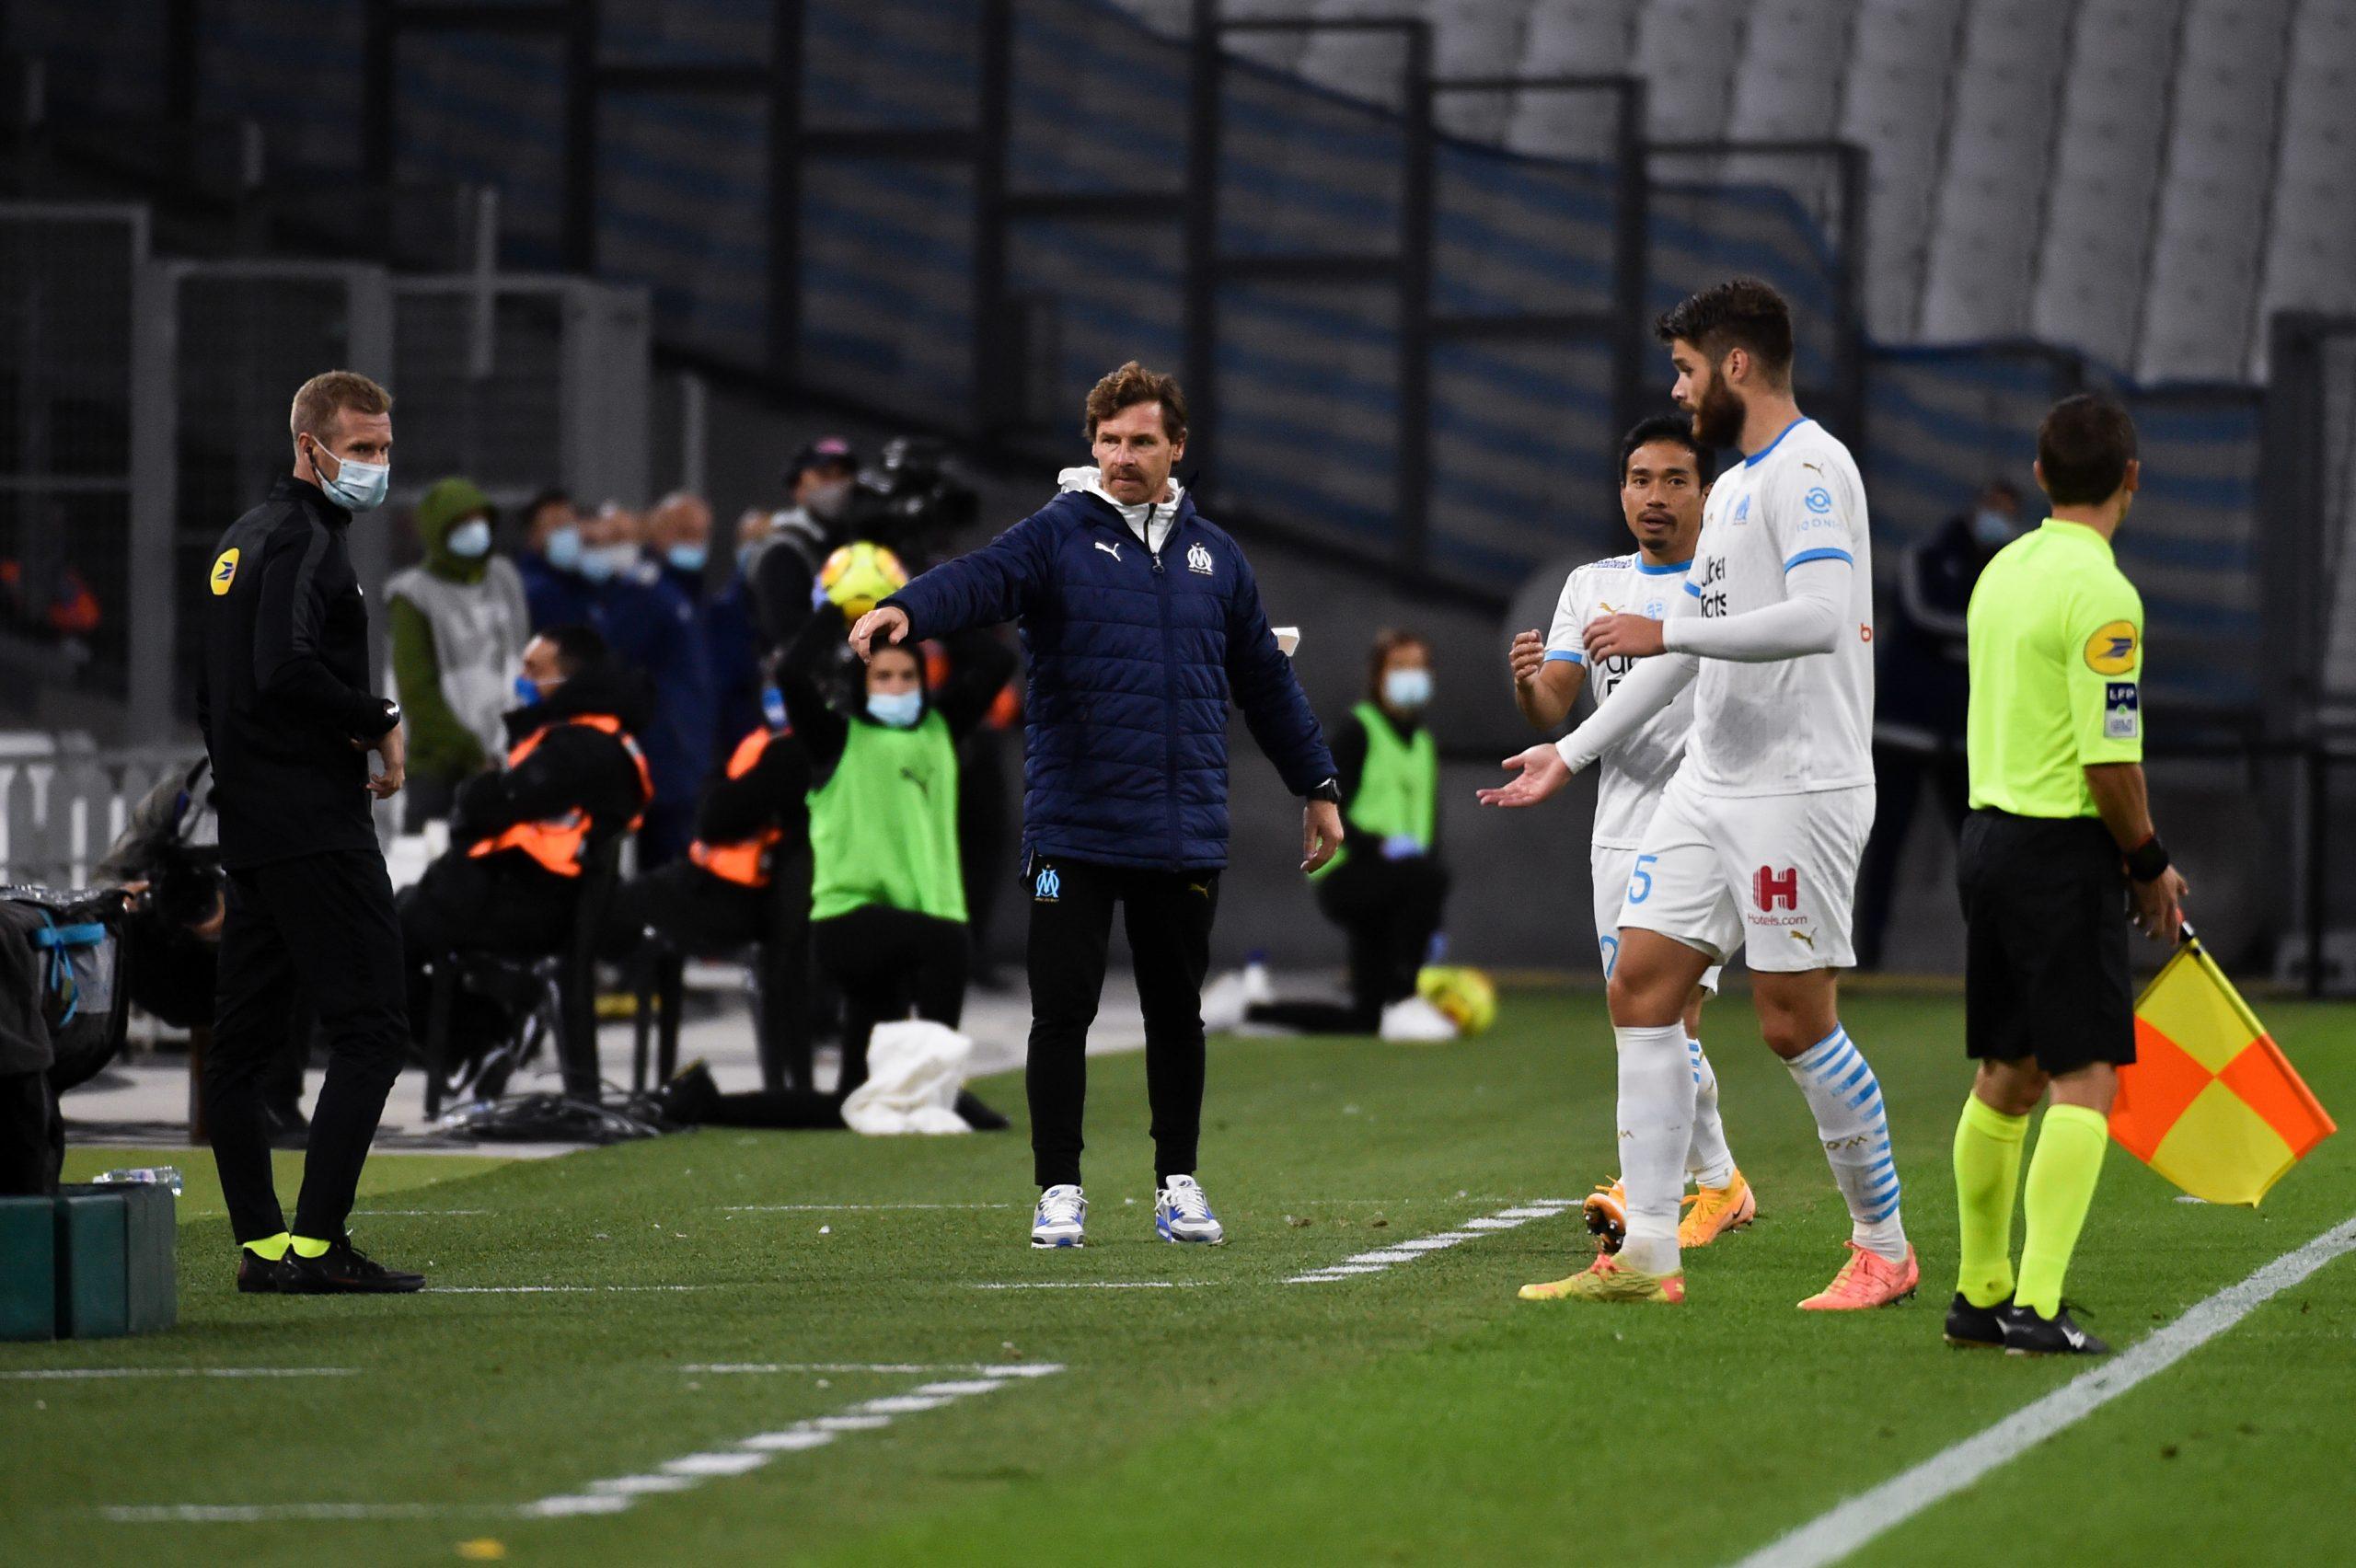 """OM/Metz (1-1) - Villas-Boas : """"Le match nul est insuffisant et juste"""""""